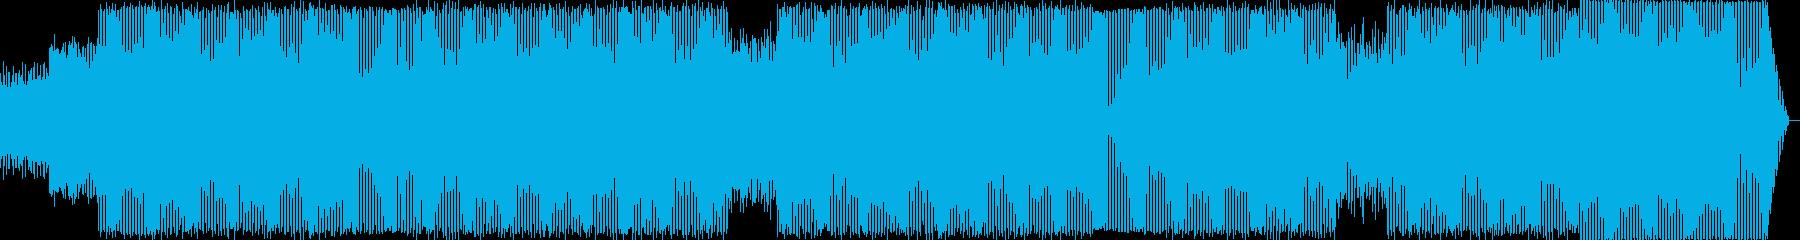 ゴリゴリテクノの再生済みの波形